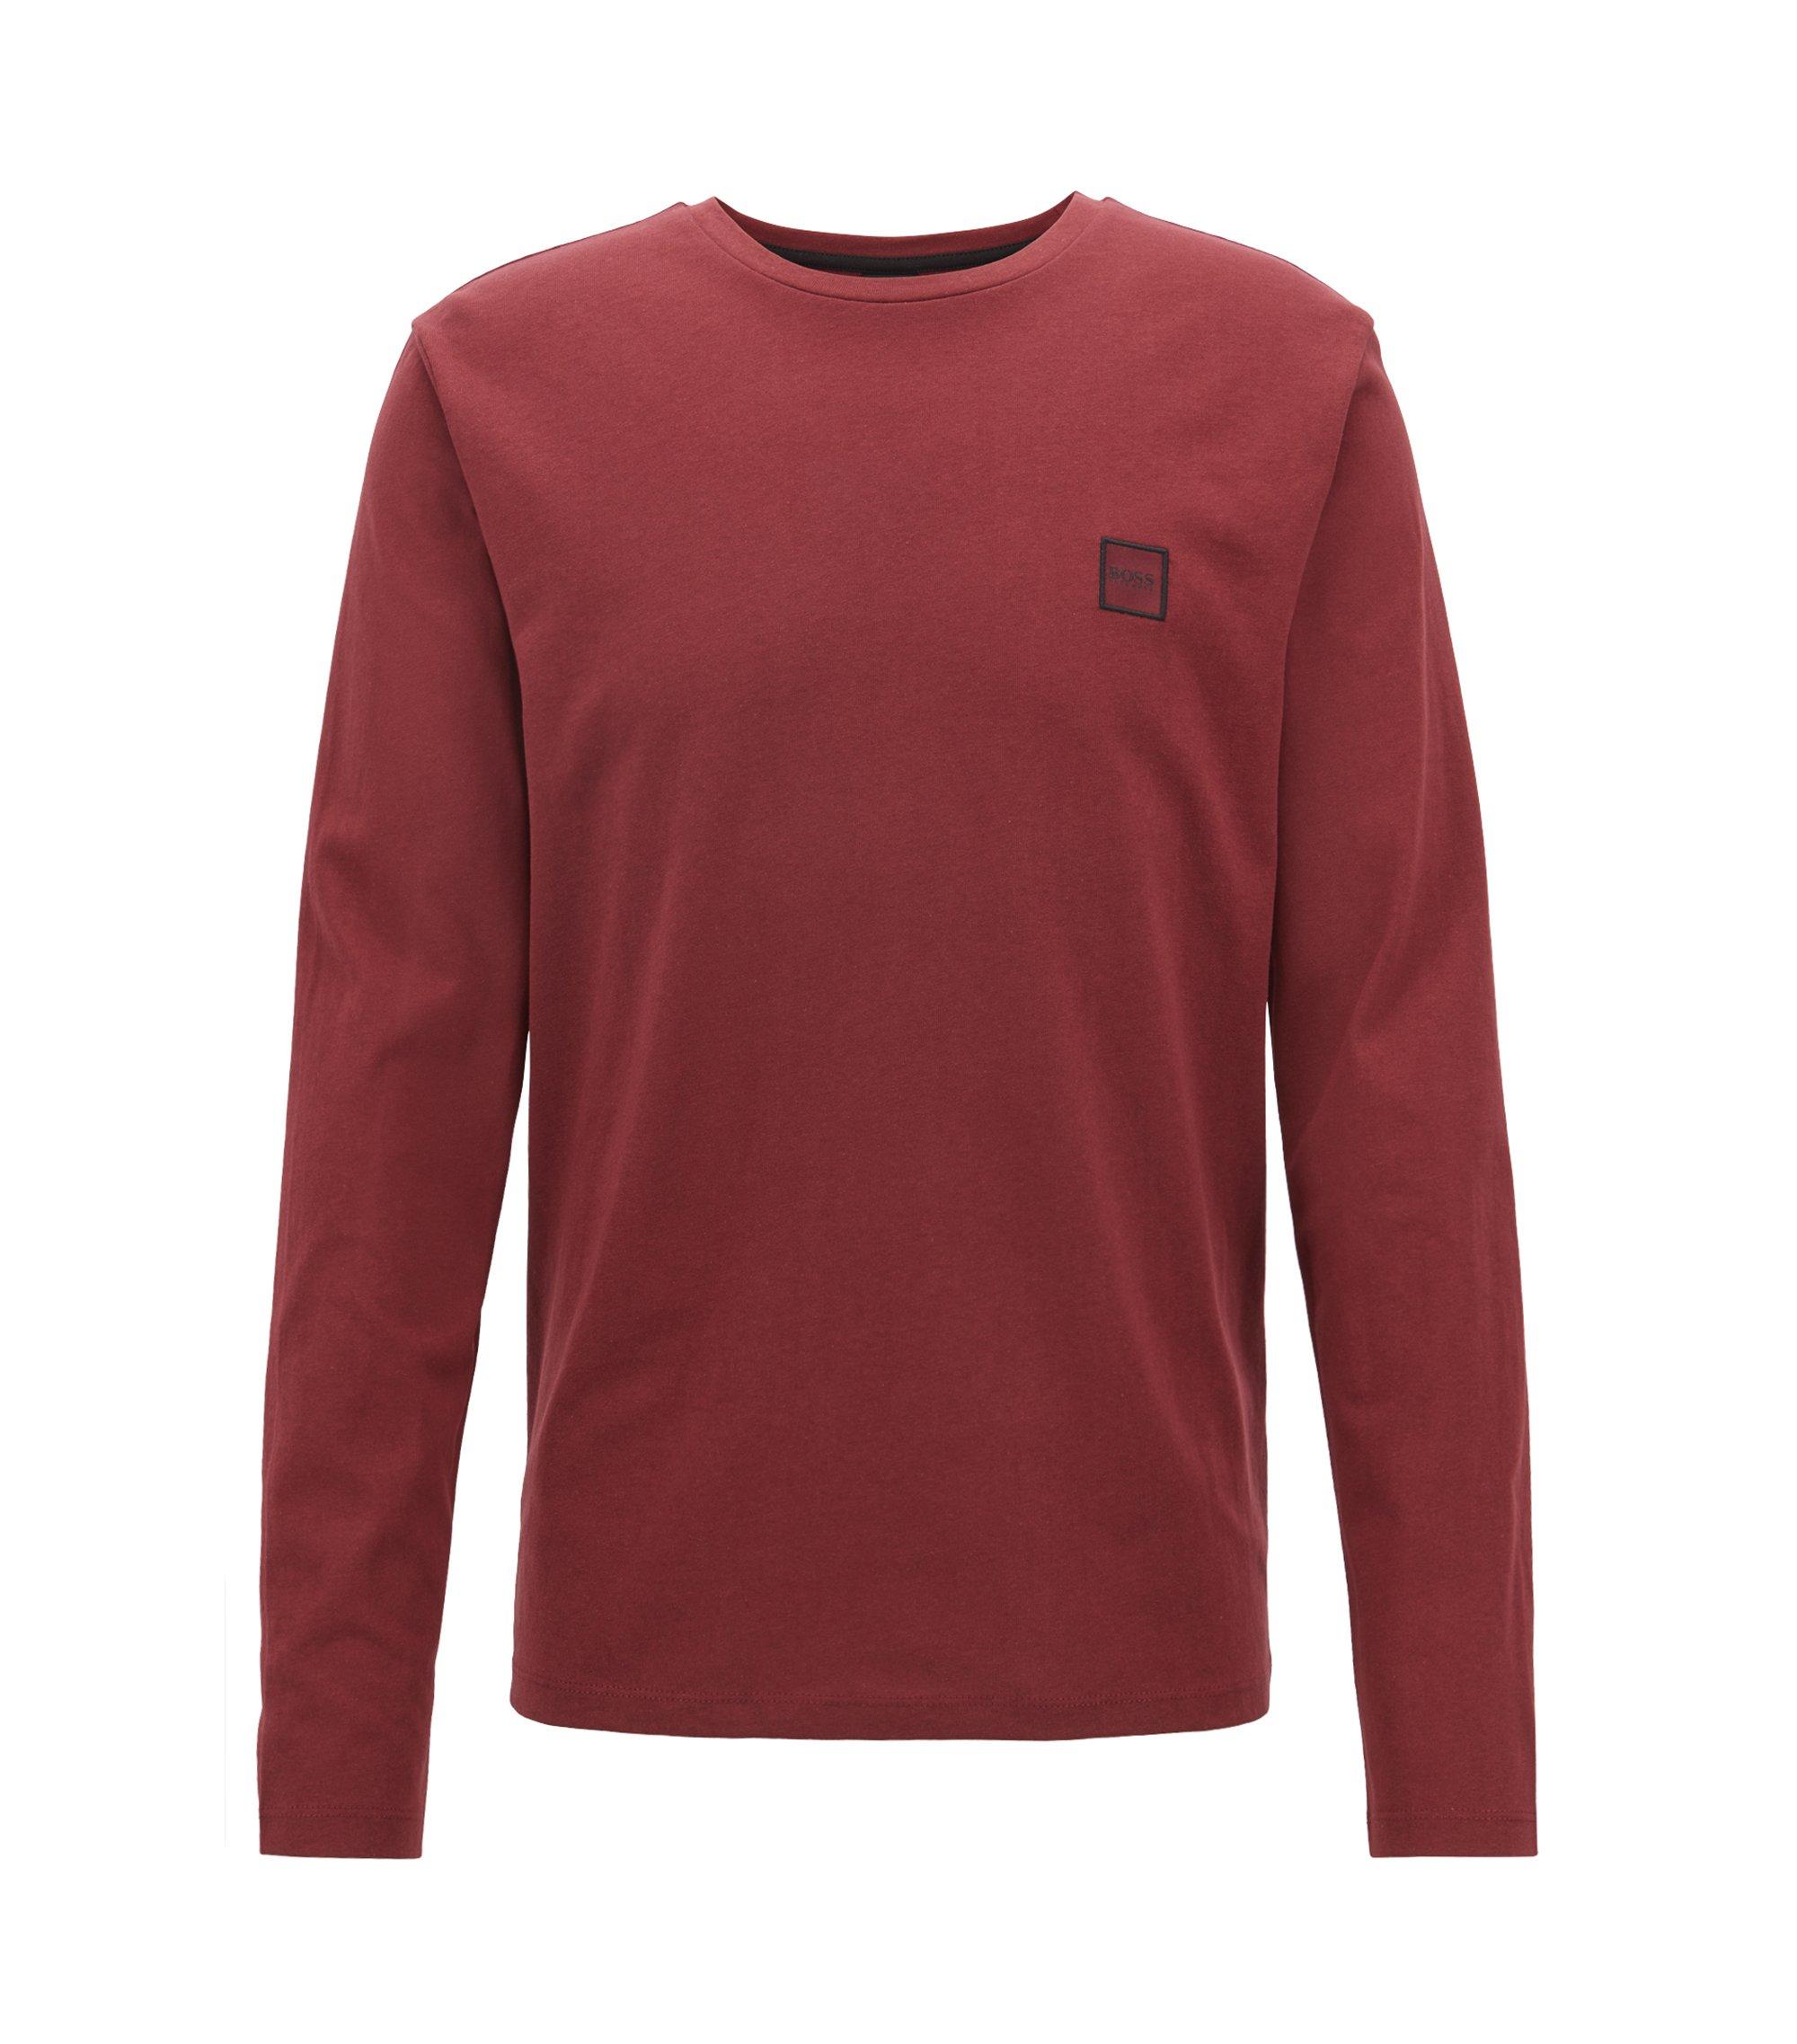 T-shirt van single-jersey van gewassen katoen met lange mouwen, Donkerrood